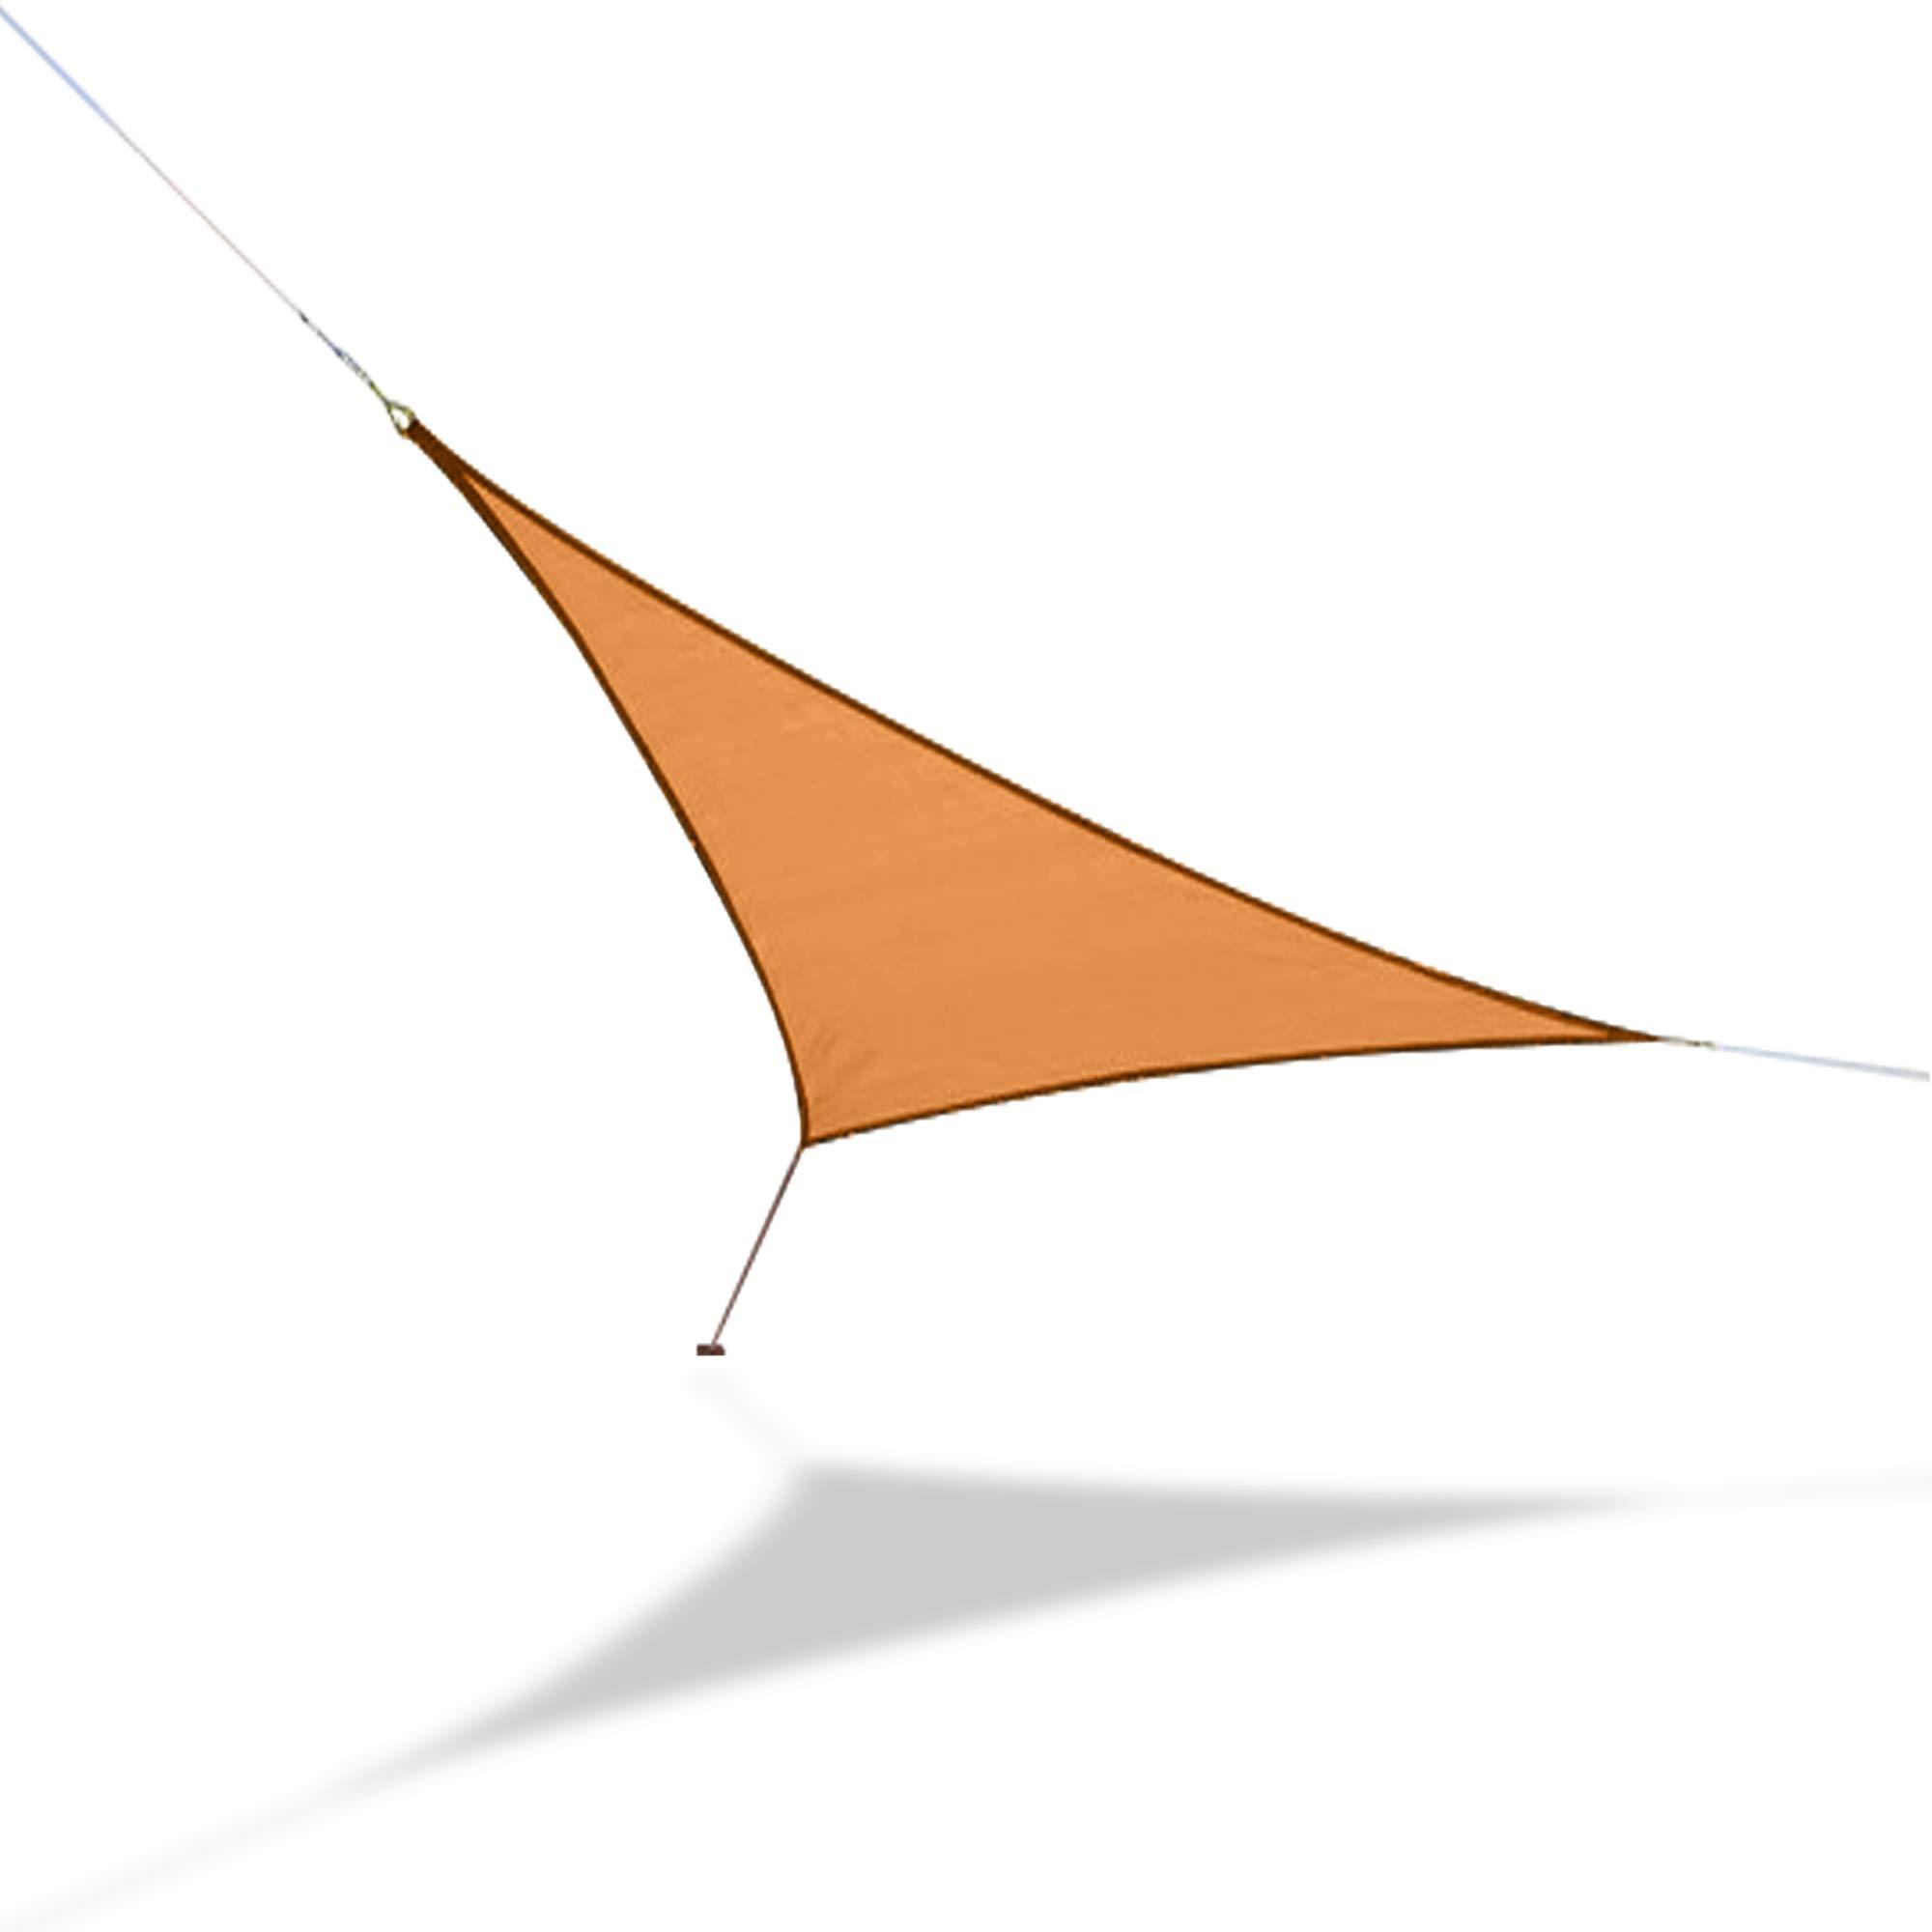 Hammaka Woven Backyard Triangle Sail Sun Shade (Small, Beige)